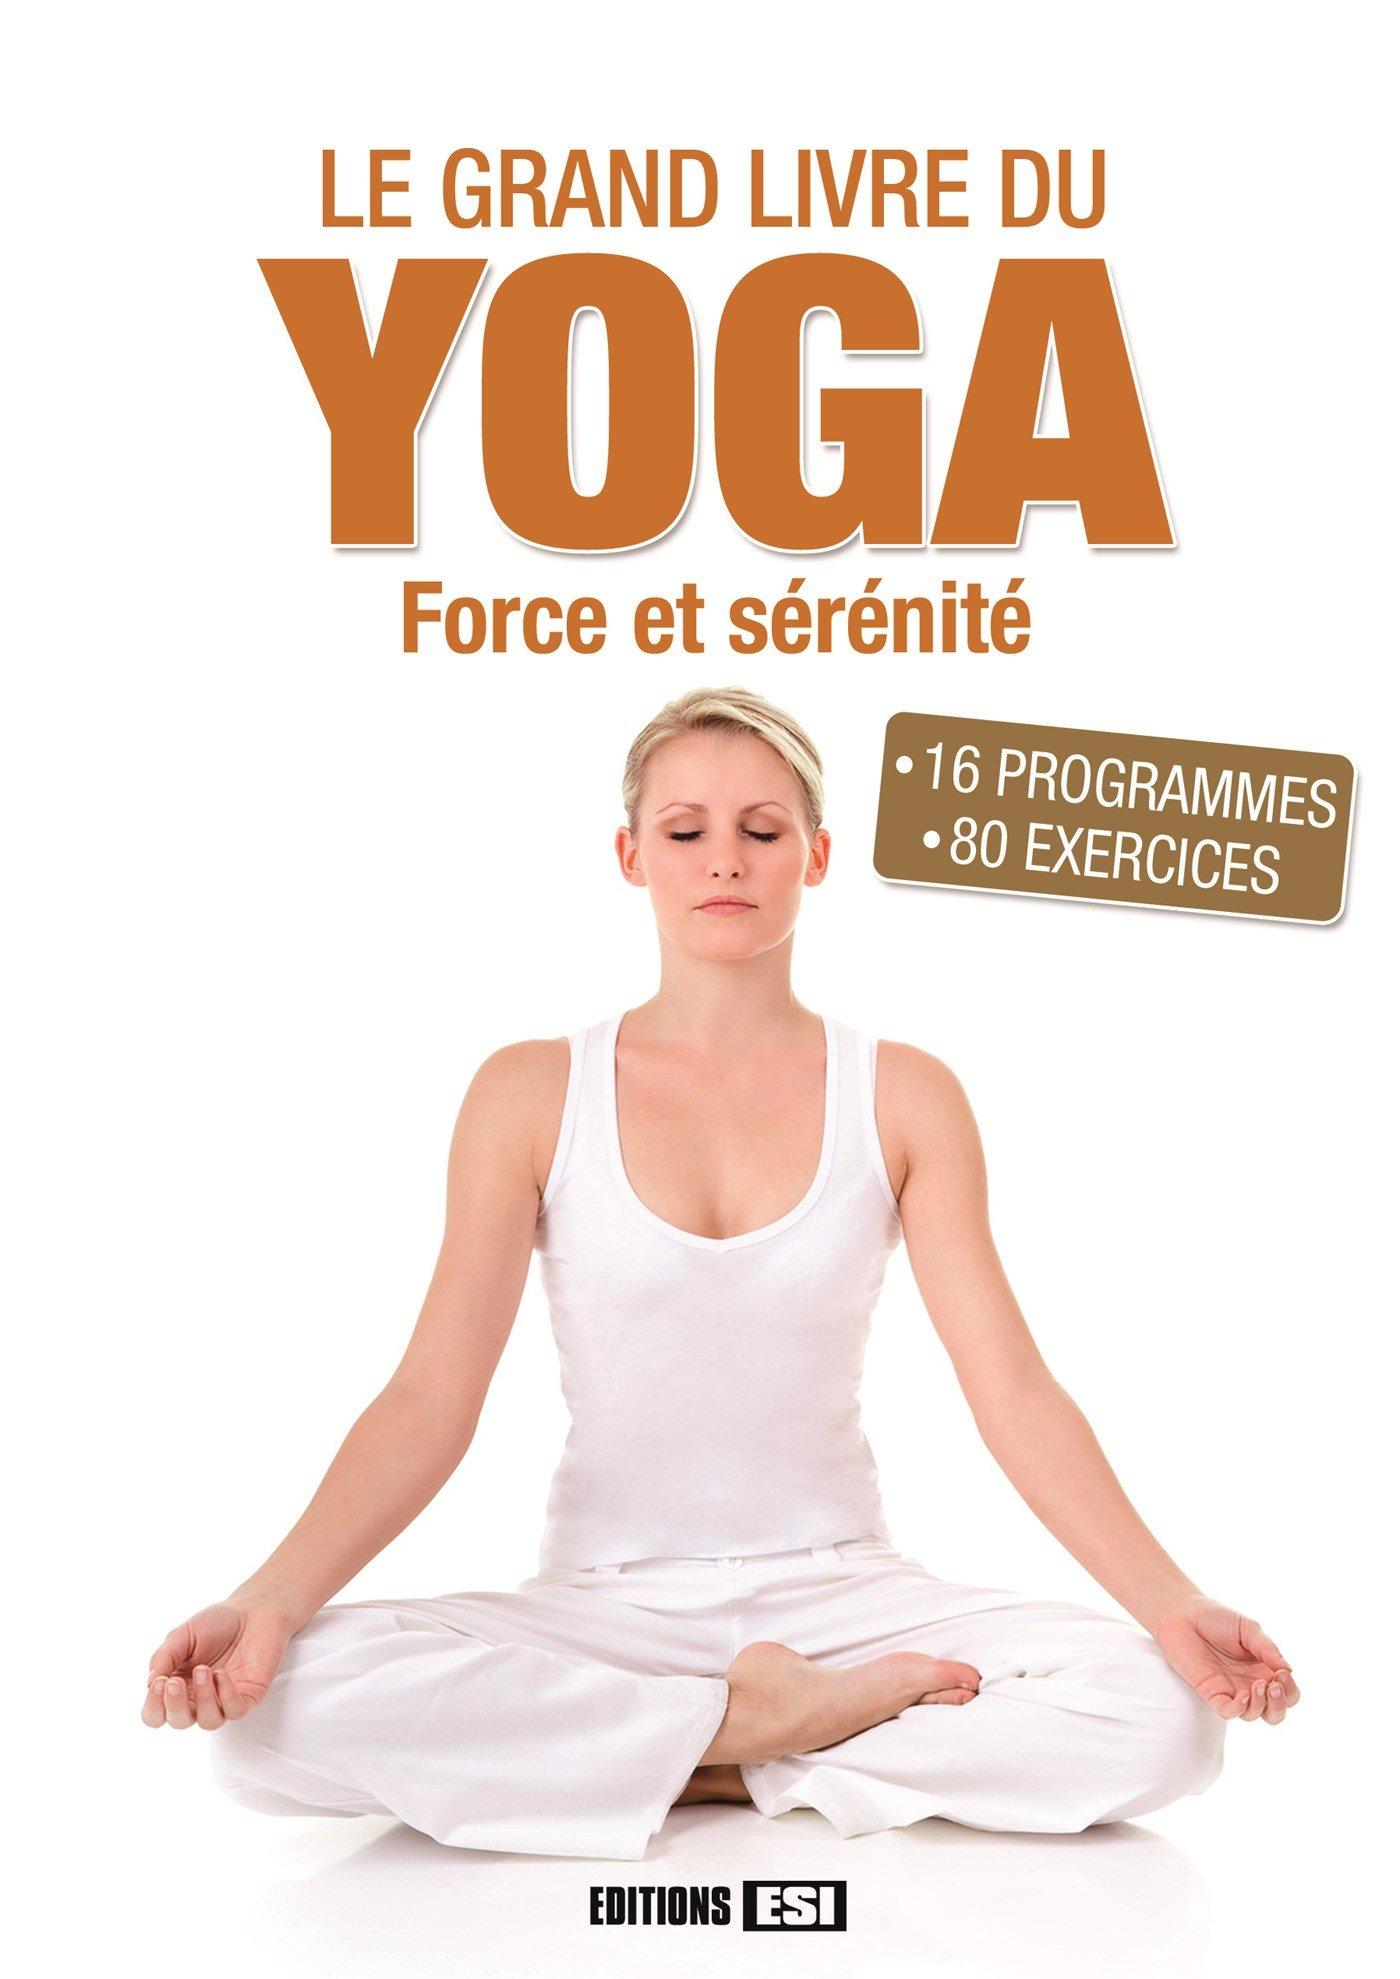 Le grand livre du yoga : Force et sérénité: 9782822604260 ...